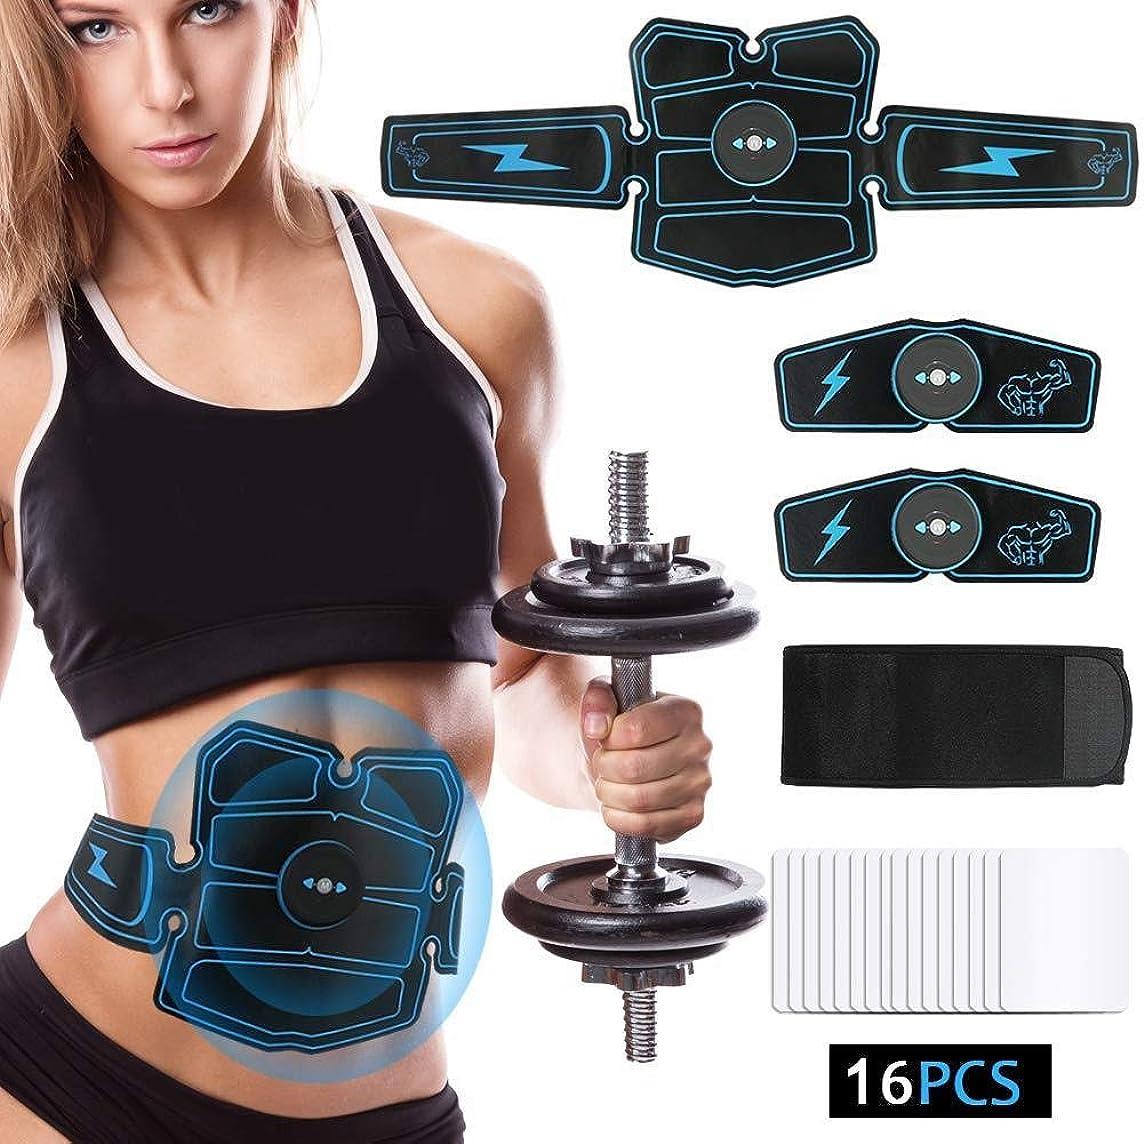 私たち自身検査復讐腹部の筋肉マッサージ、スマートフィットネス機器、エクササイズトレーナー、腰椎運動機器、筋肉ホームパルサー